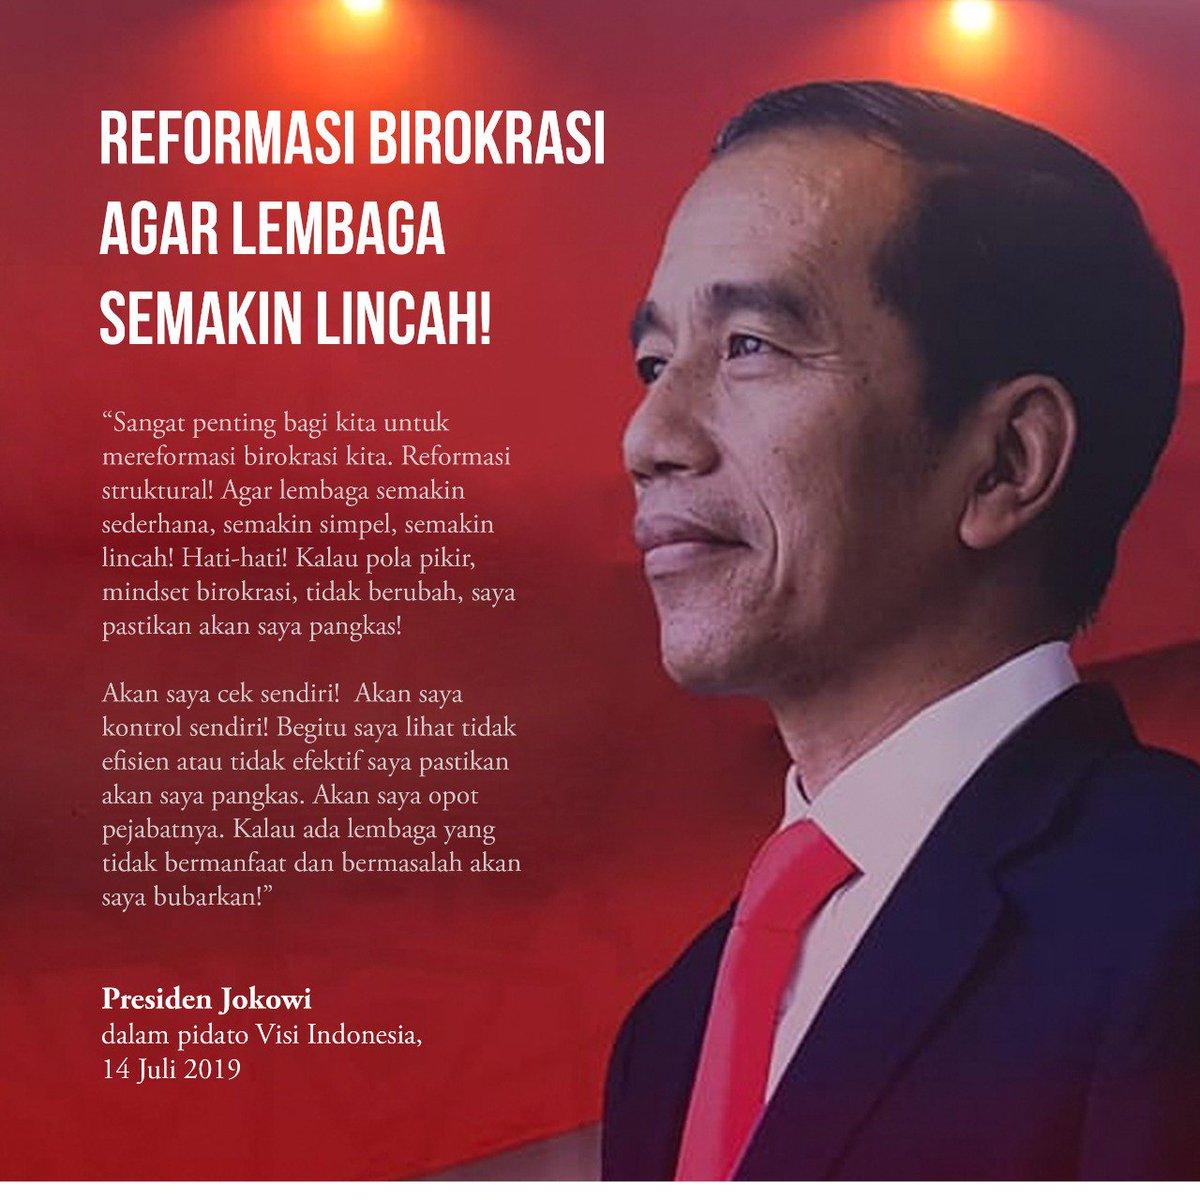 #VisiIndonesia 5 tahun ke depan...